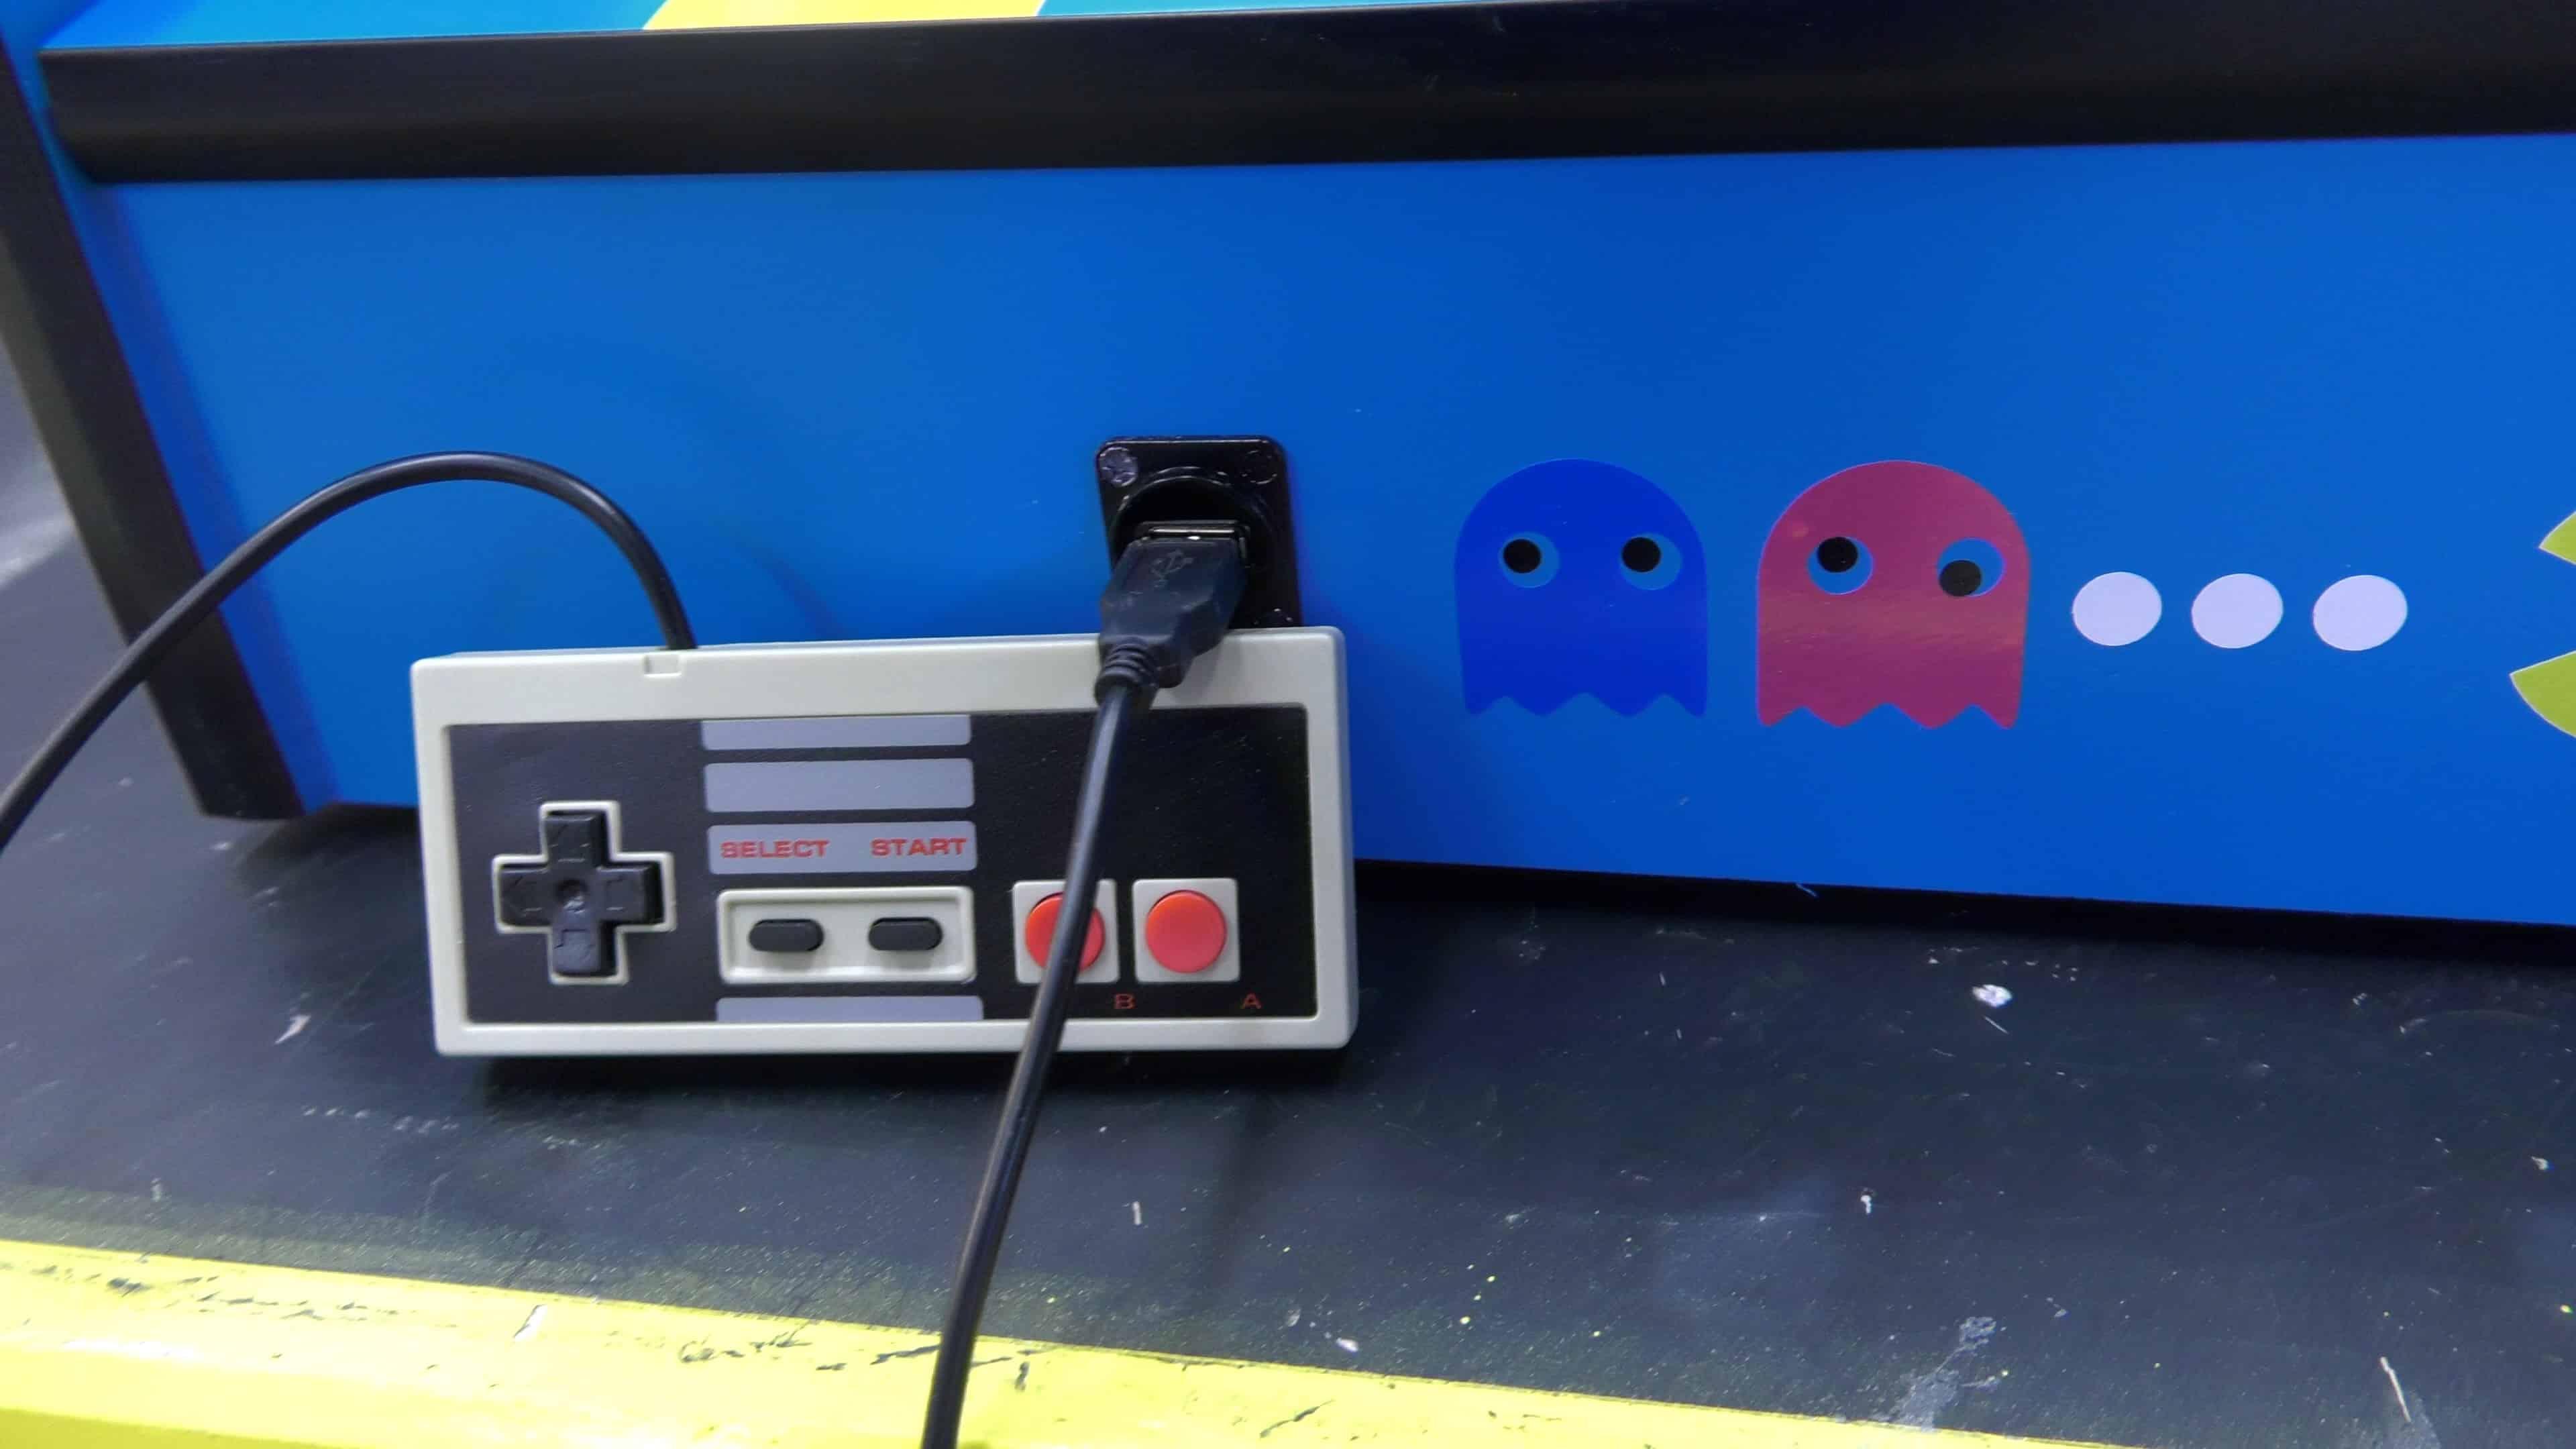 Pacade Bartop Arcade Cabinet Plans The Geek Pub